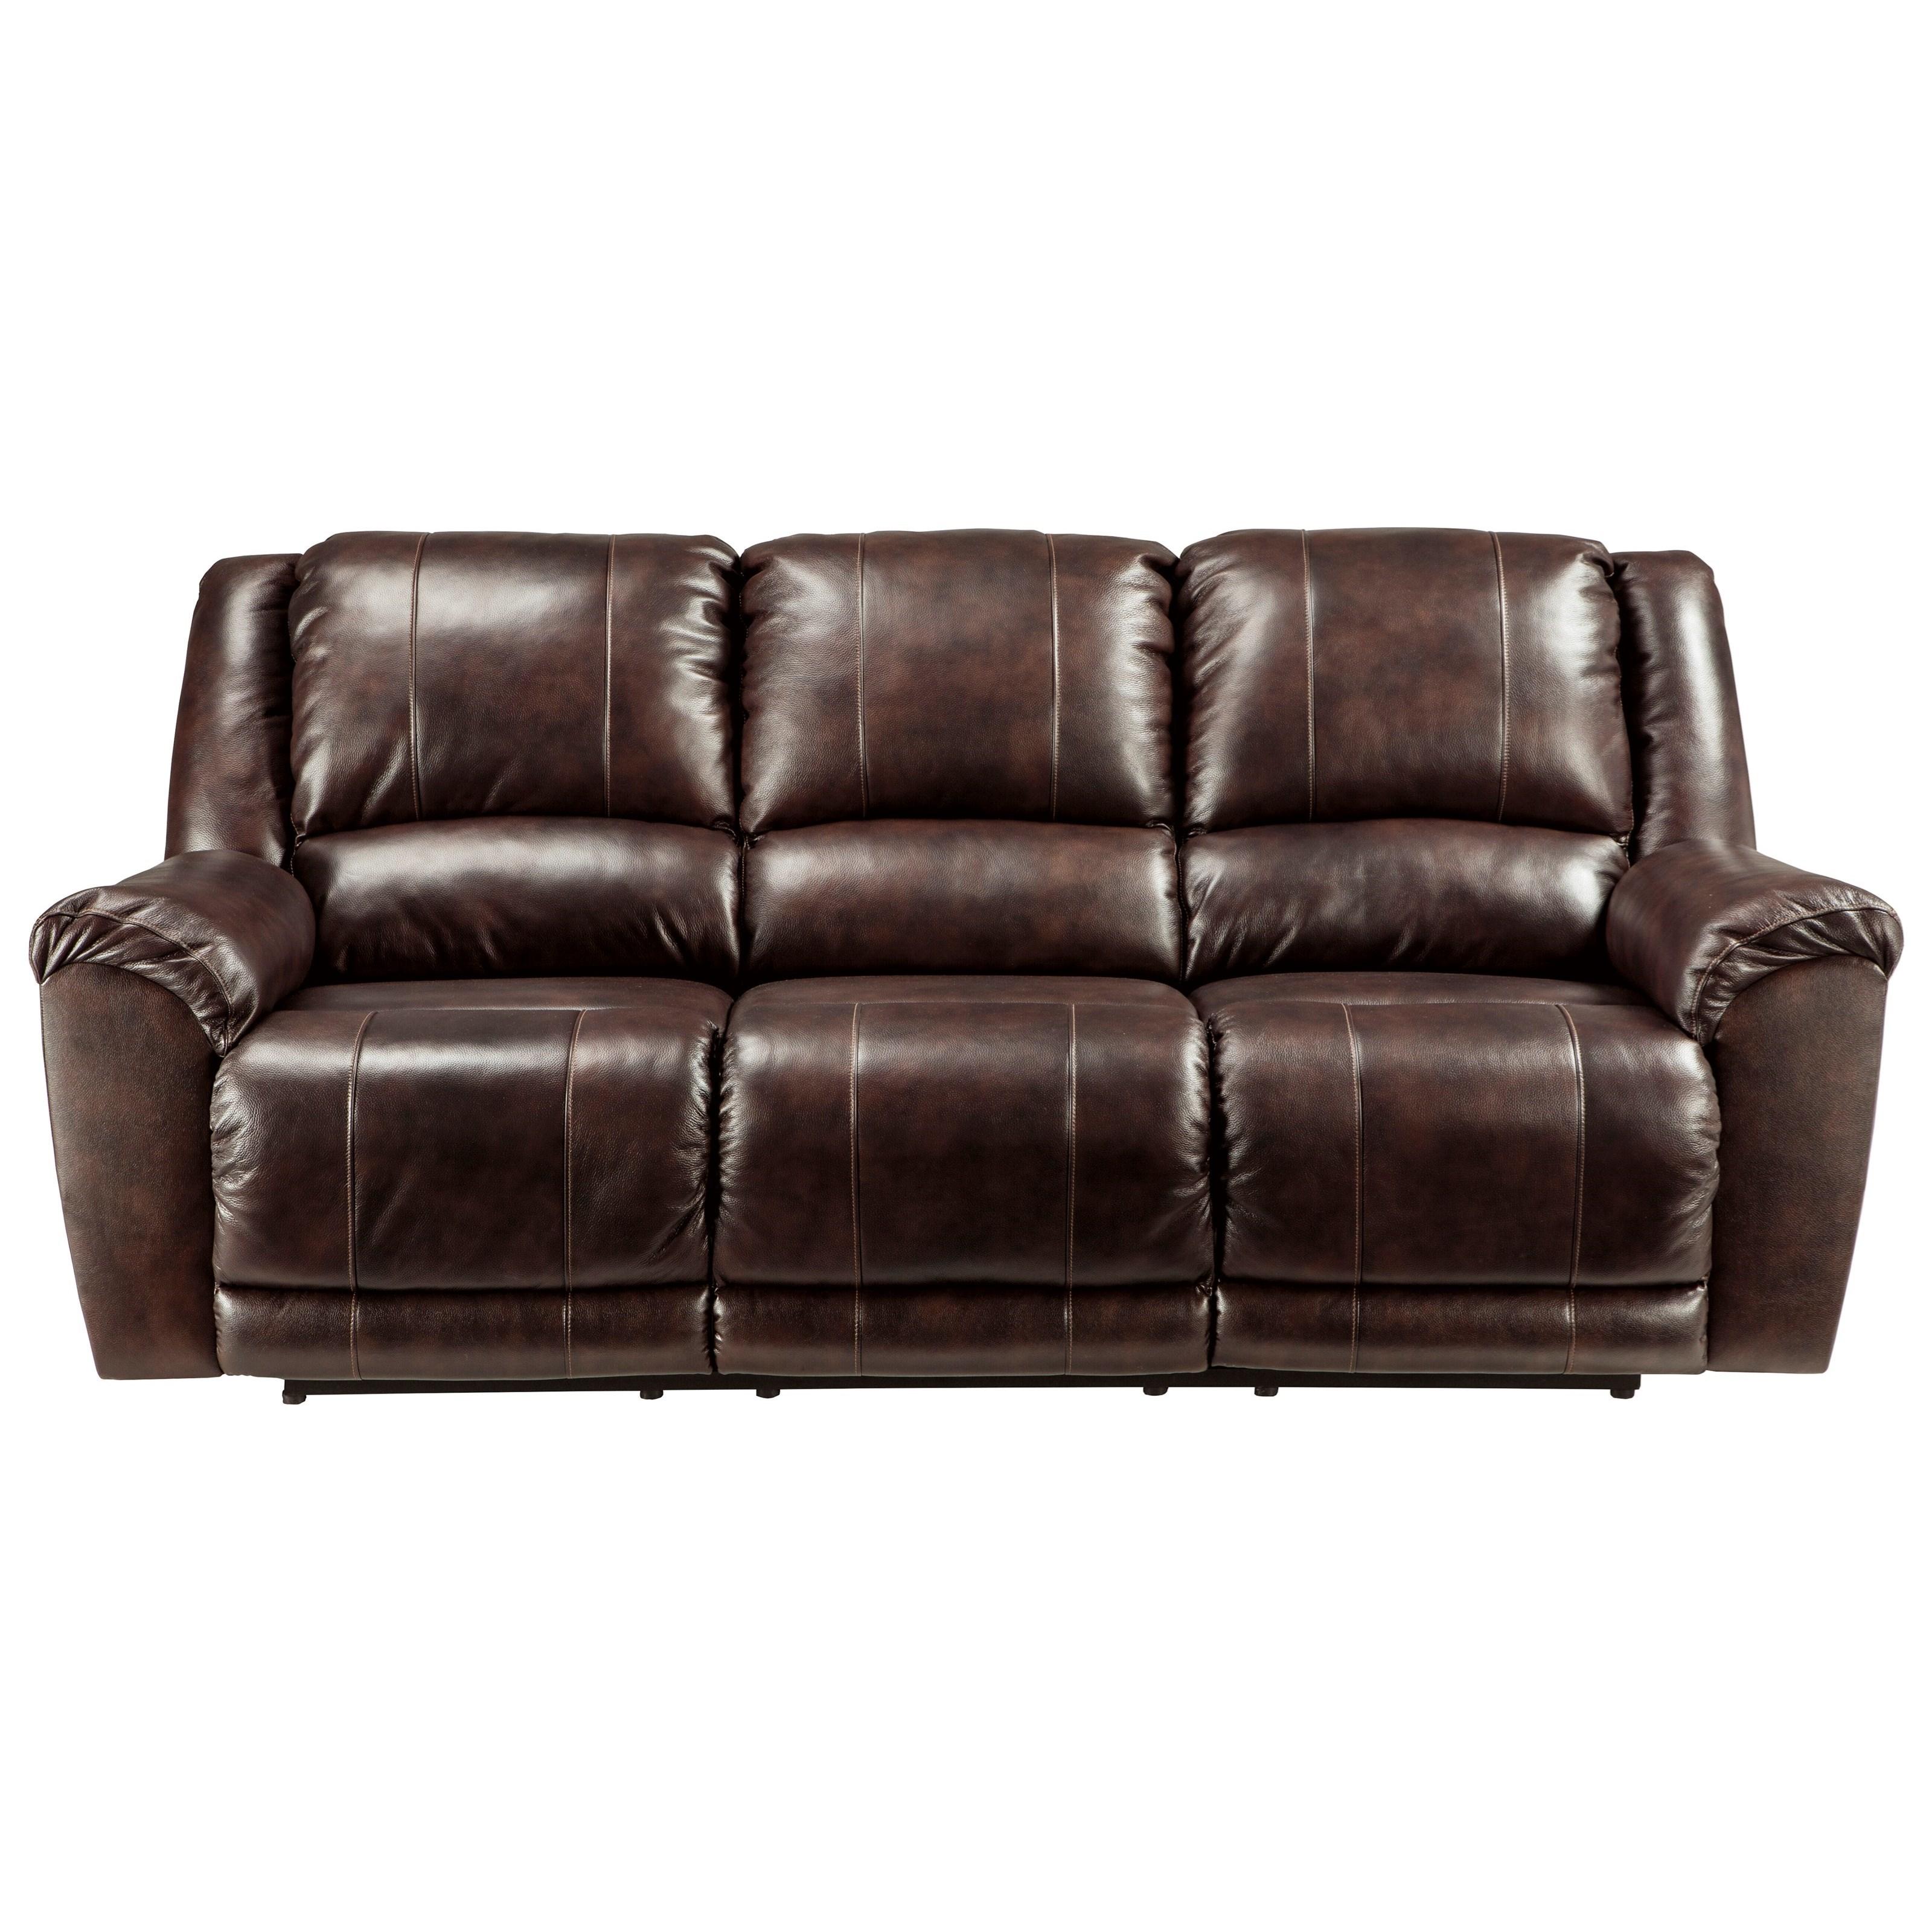 Ashley Furniture Leather Sofa Home Decor